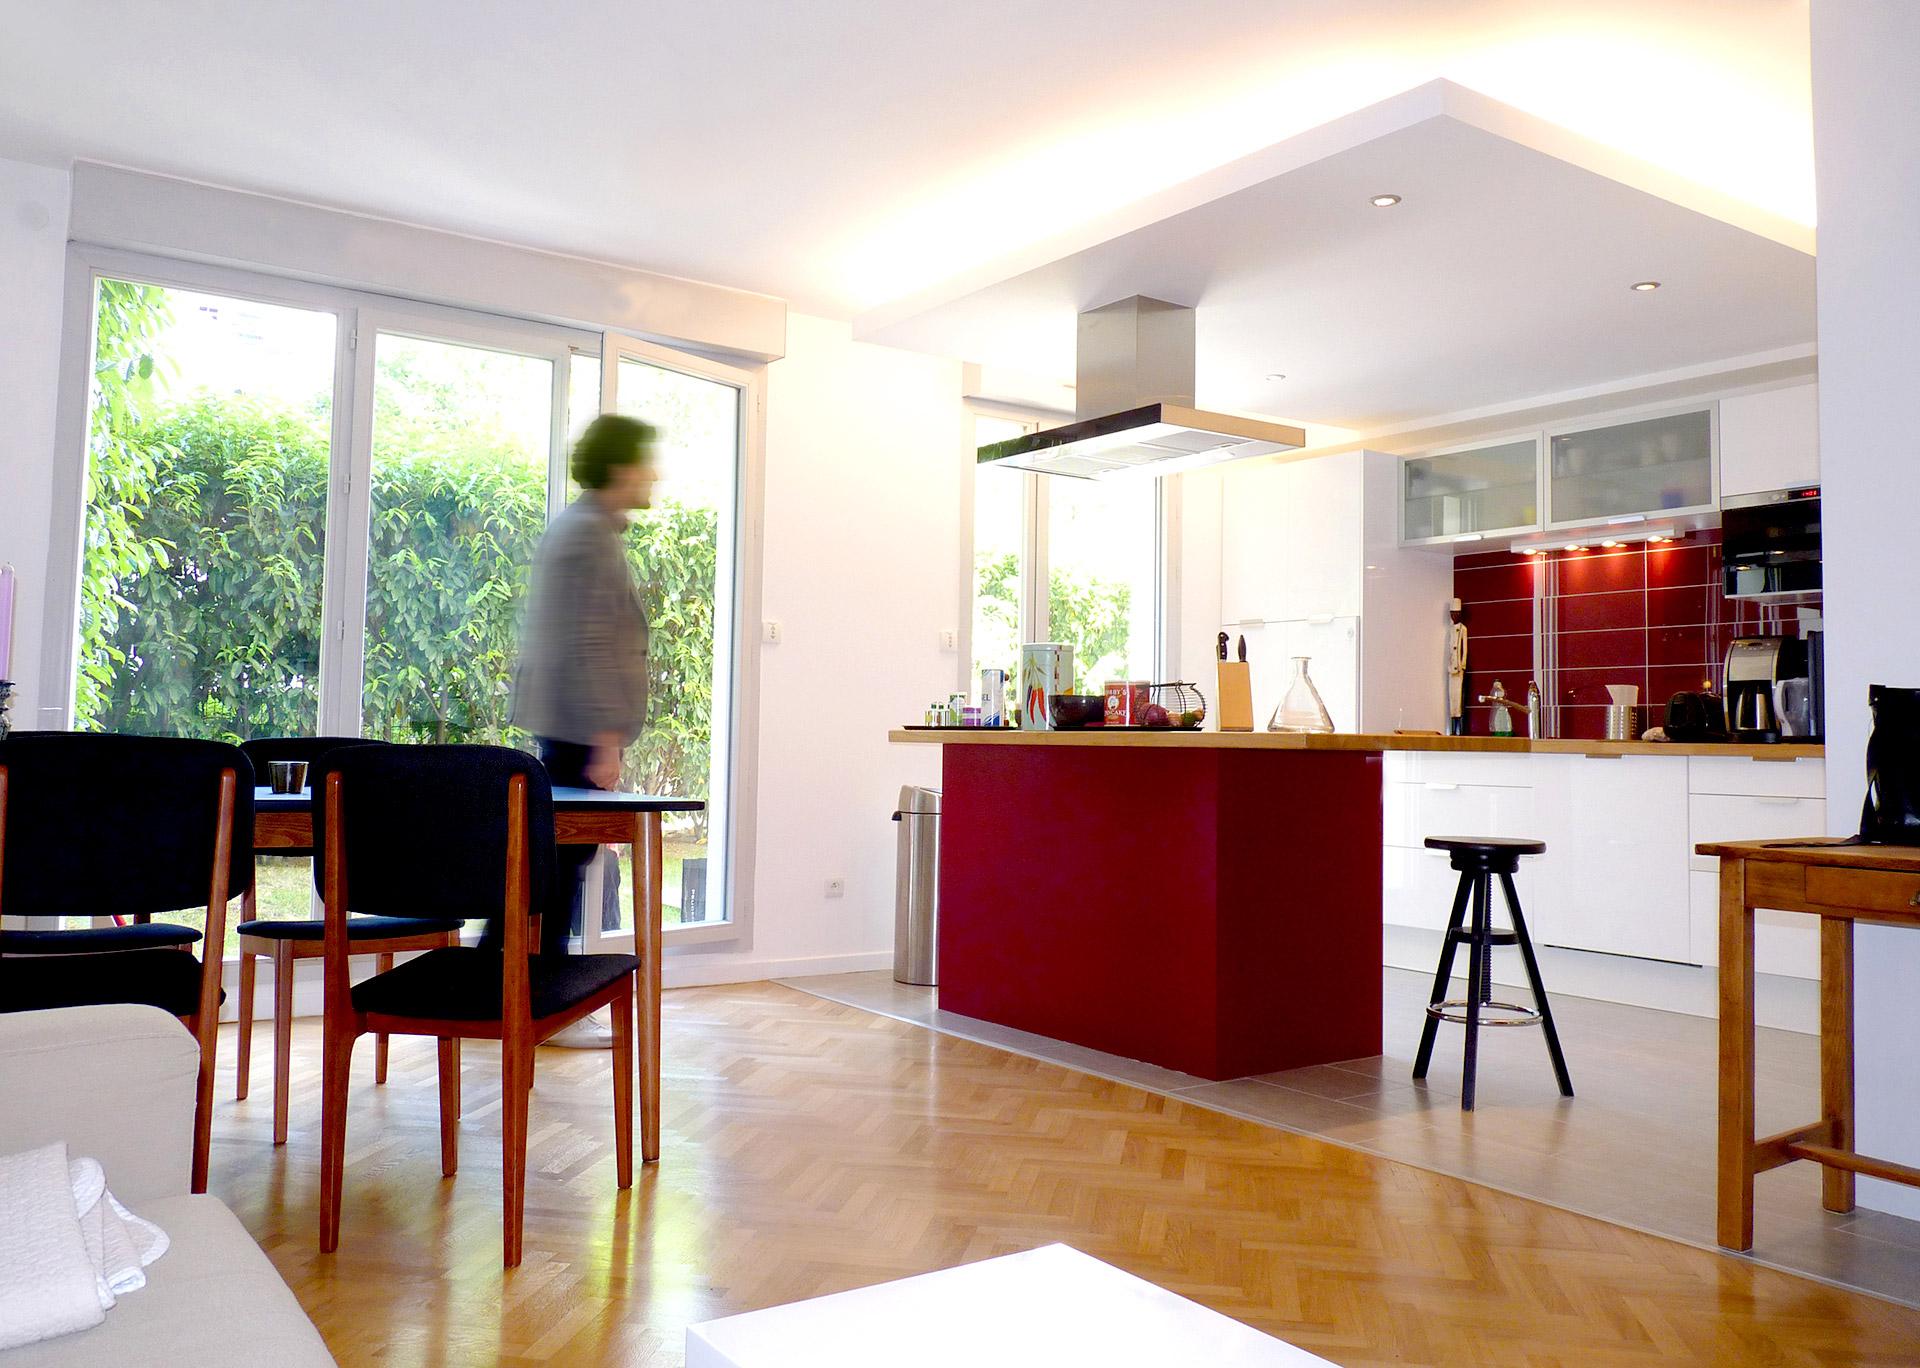 Потолок со светодиодной подсветкой декоративной